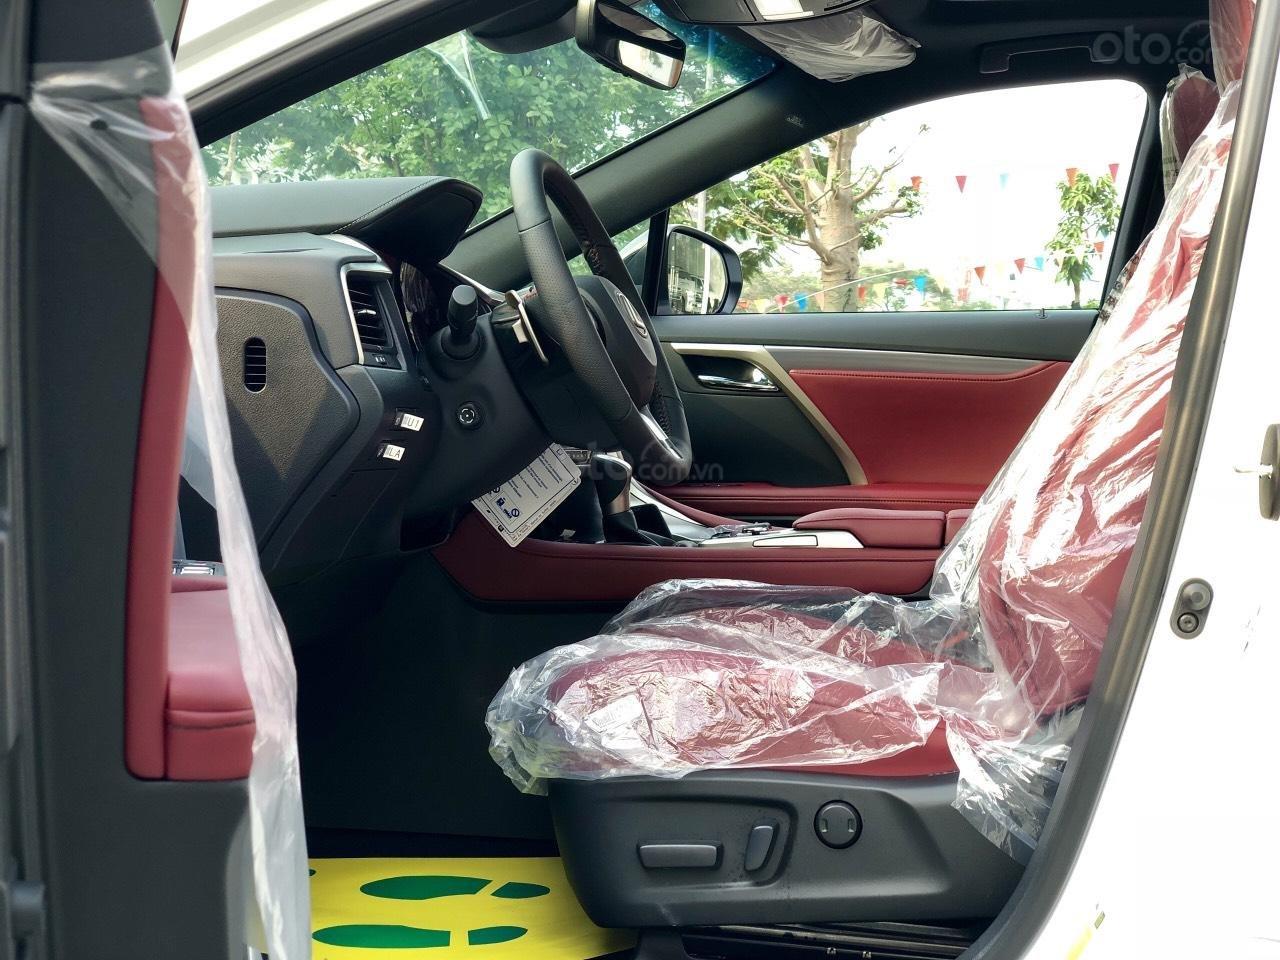 Bán Lexus RX Fsport sản xuất năm 2019, xe nhập Mỹ LH 0945.39.2468 Ms Hương (18)